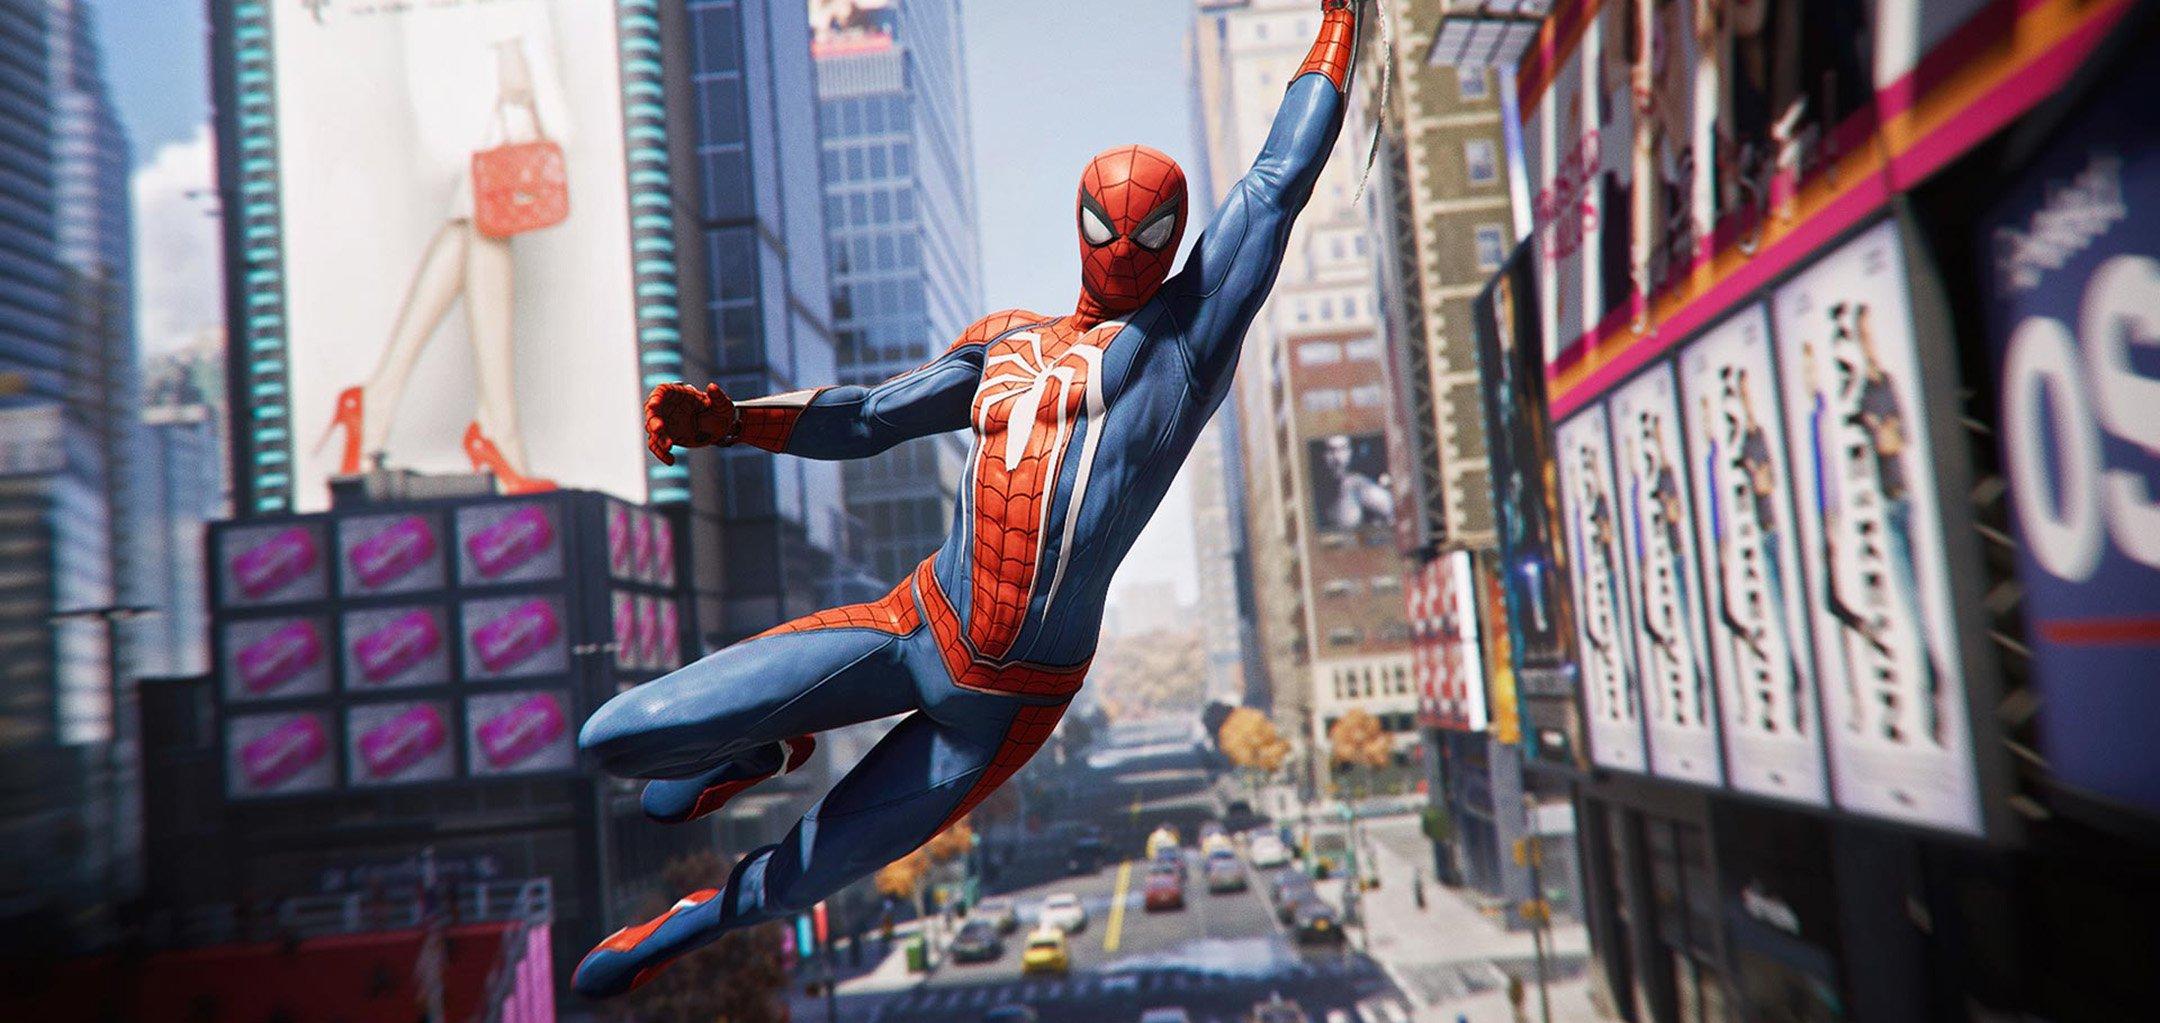 Spider-Man (2018) promo shot